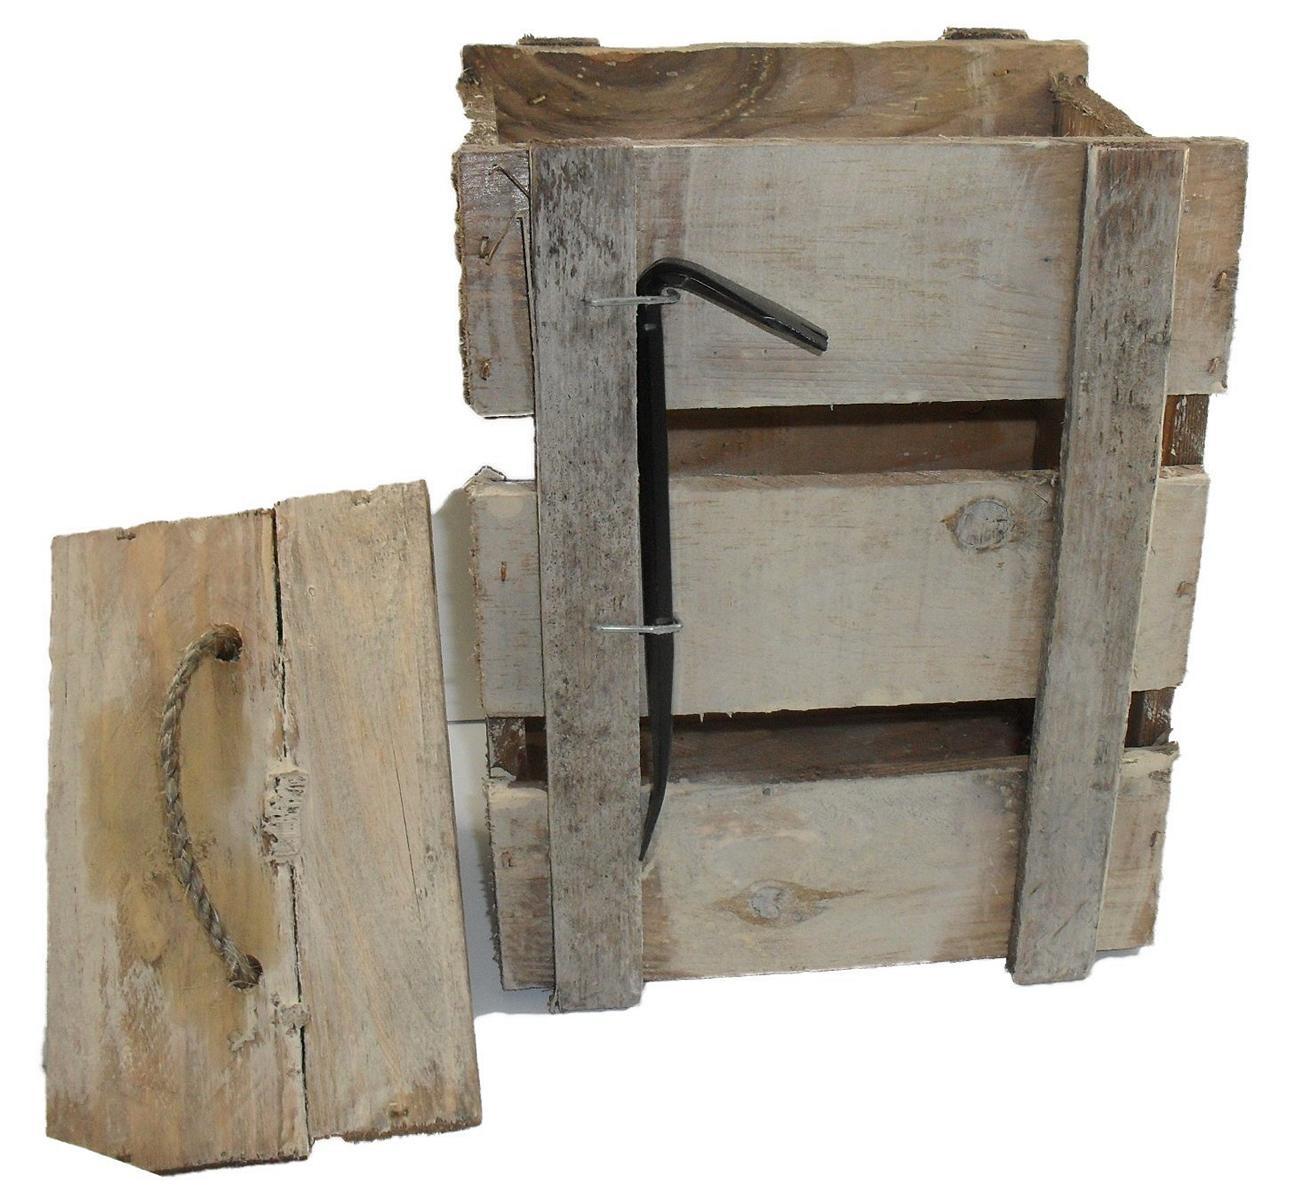 holzkiste mit brecheisen als geschenkbox oder berraschungskiste vintage. Black Bedroom Furniture Sets. Home Design Ideas